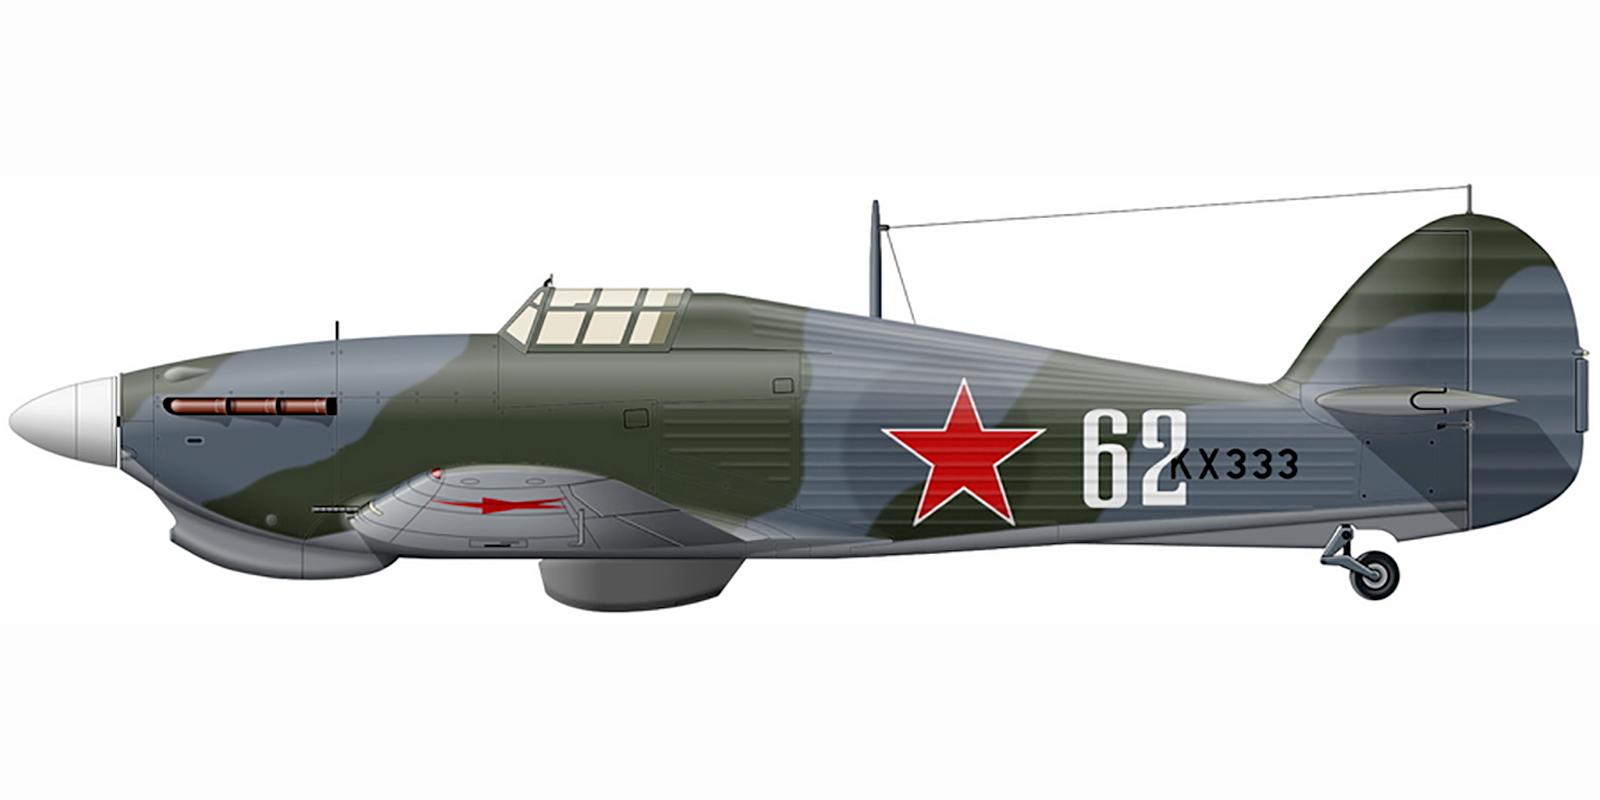 Hurricane IIb Trop USSR 78IAP Northern Fleet White 62 IA Bugakovy exRAF KX333 Vaenga Mar 1943 0A